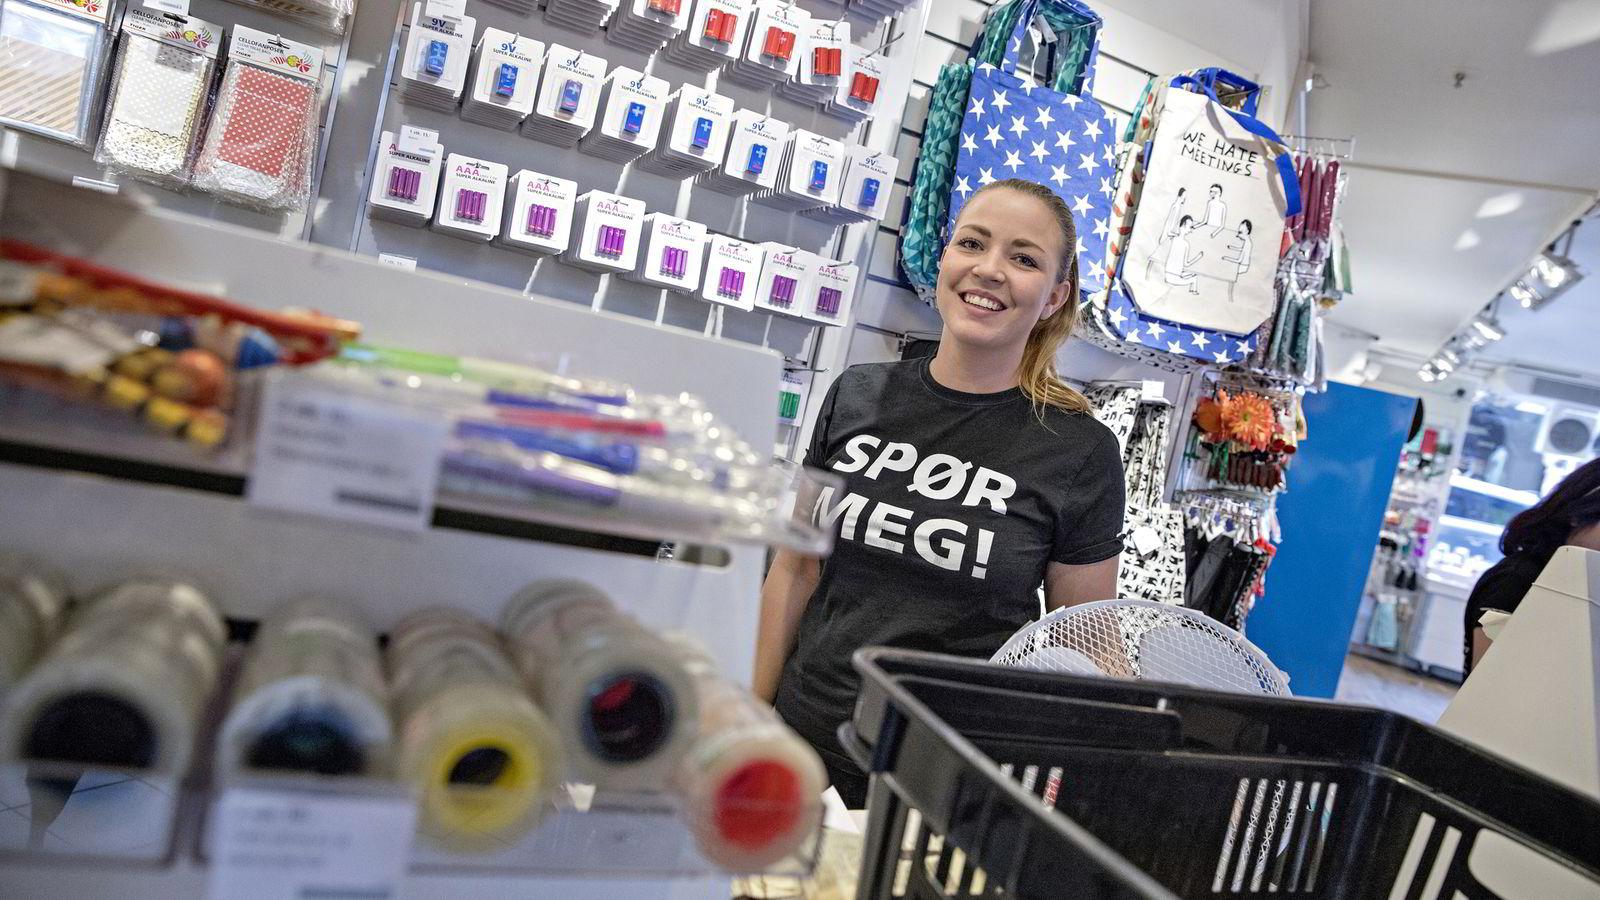 Den danske kjeden TGR har tatt land etter land. I løpet av et par år skal antallet butikker økes fra nærmere 40 til 56. Hanna Sandgren er butikksjef på TGR Arkaden i Oslo. Foto: Aleksander Nordahl